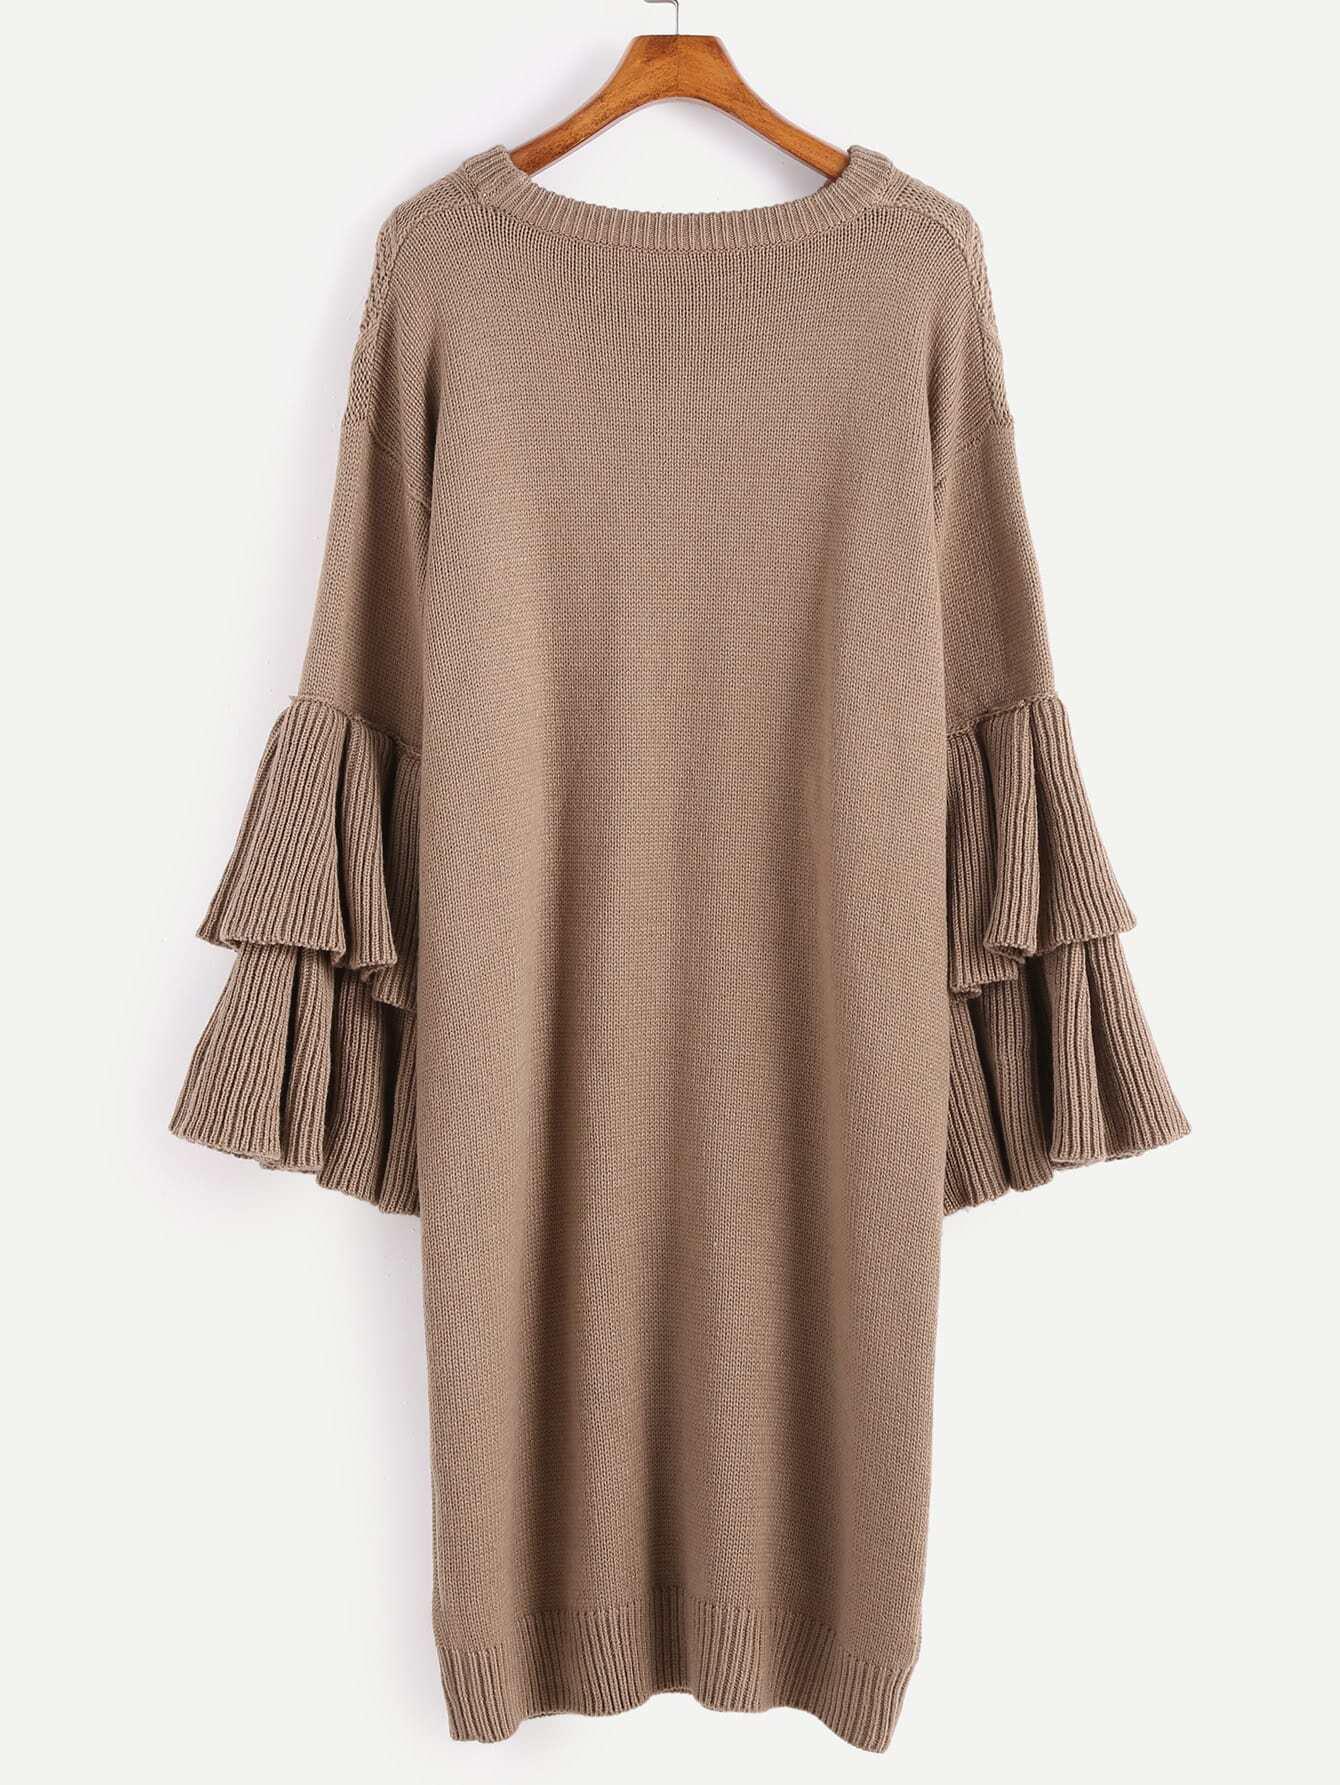 dress161117450_2